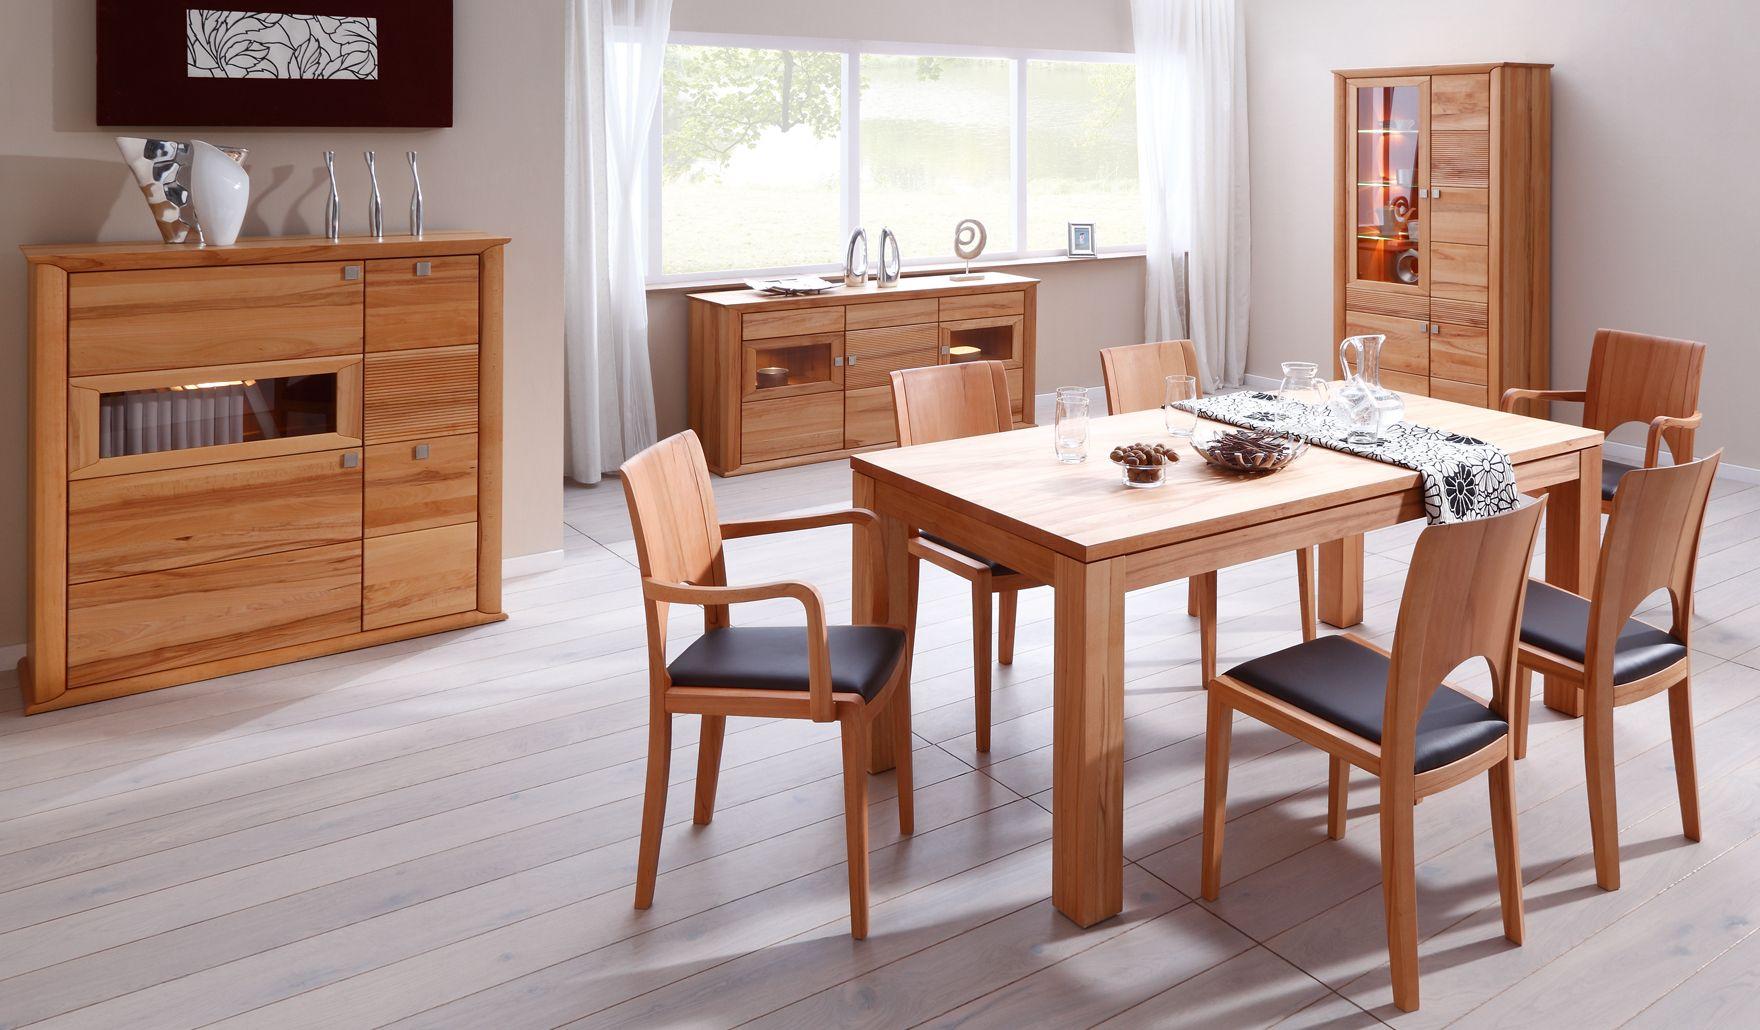 Buchholz Küche Kücheplanung Möbel-Holztisch